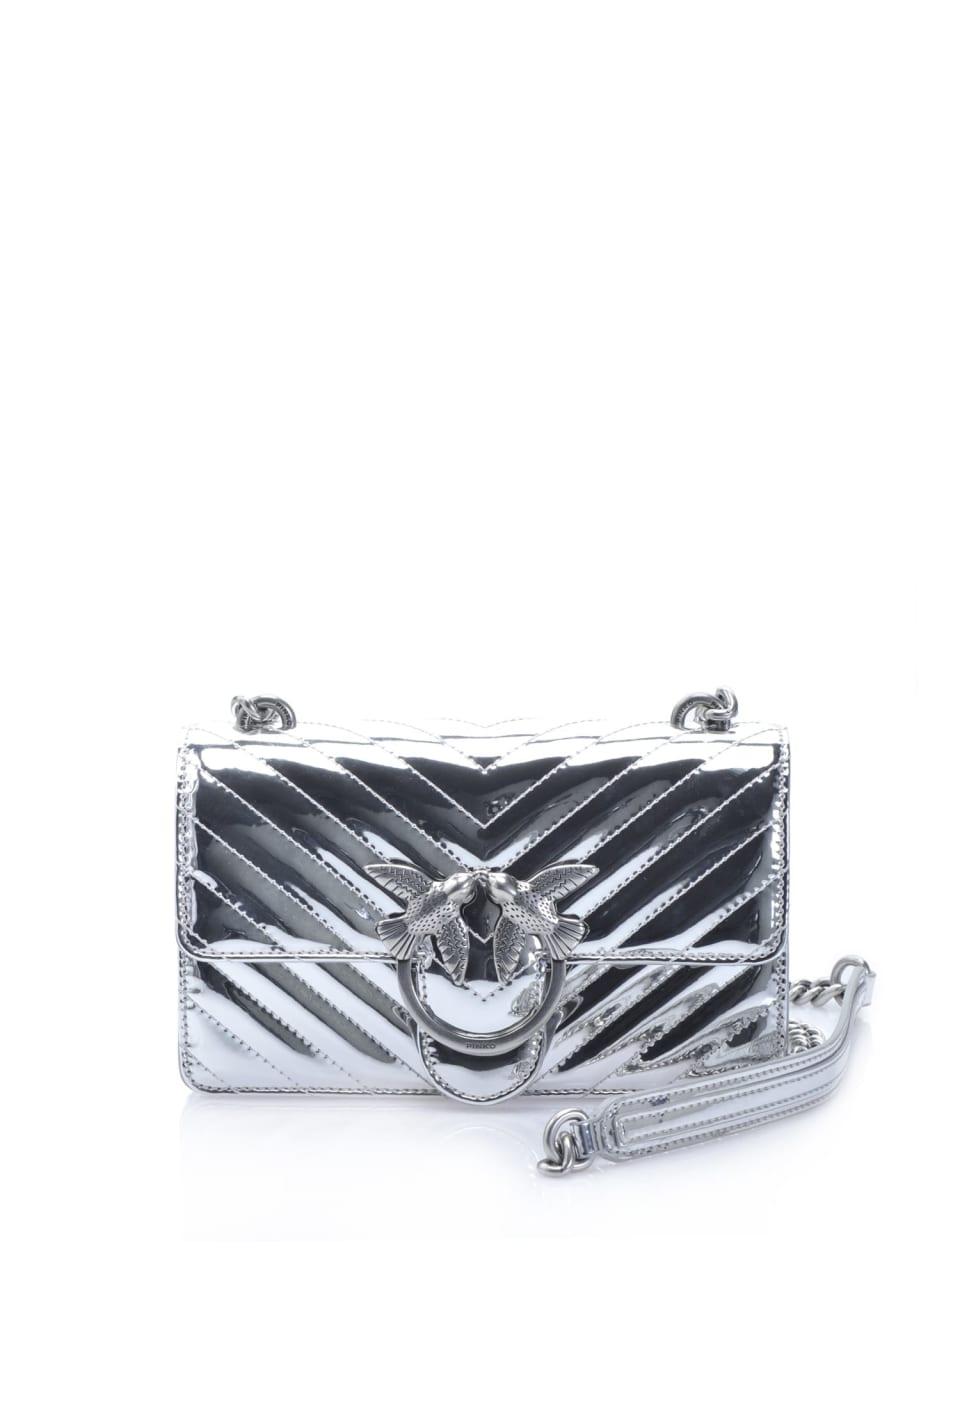 Mini Love Bag Quilting effetto specchiato